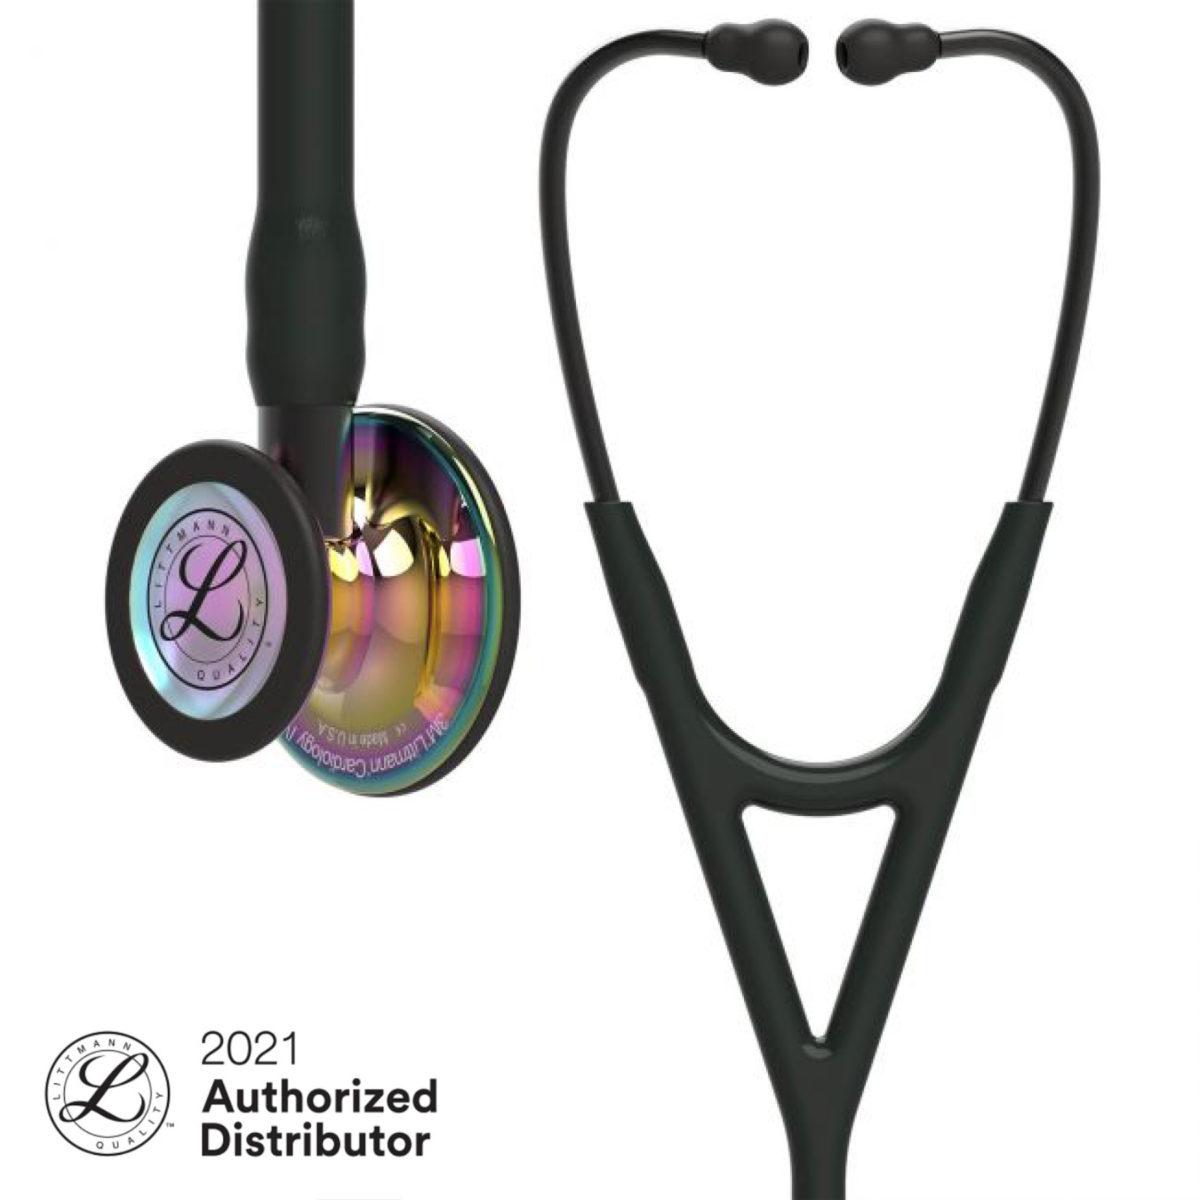 Littmann Cardiology IV Rainbow